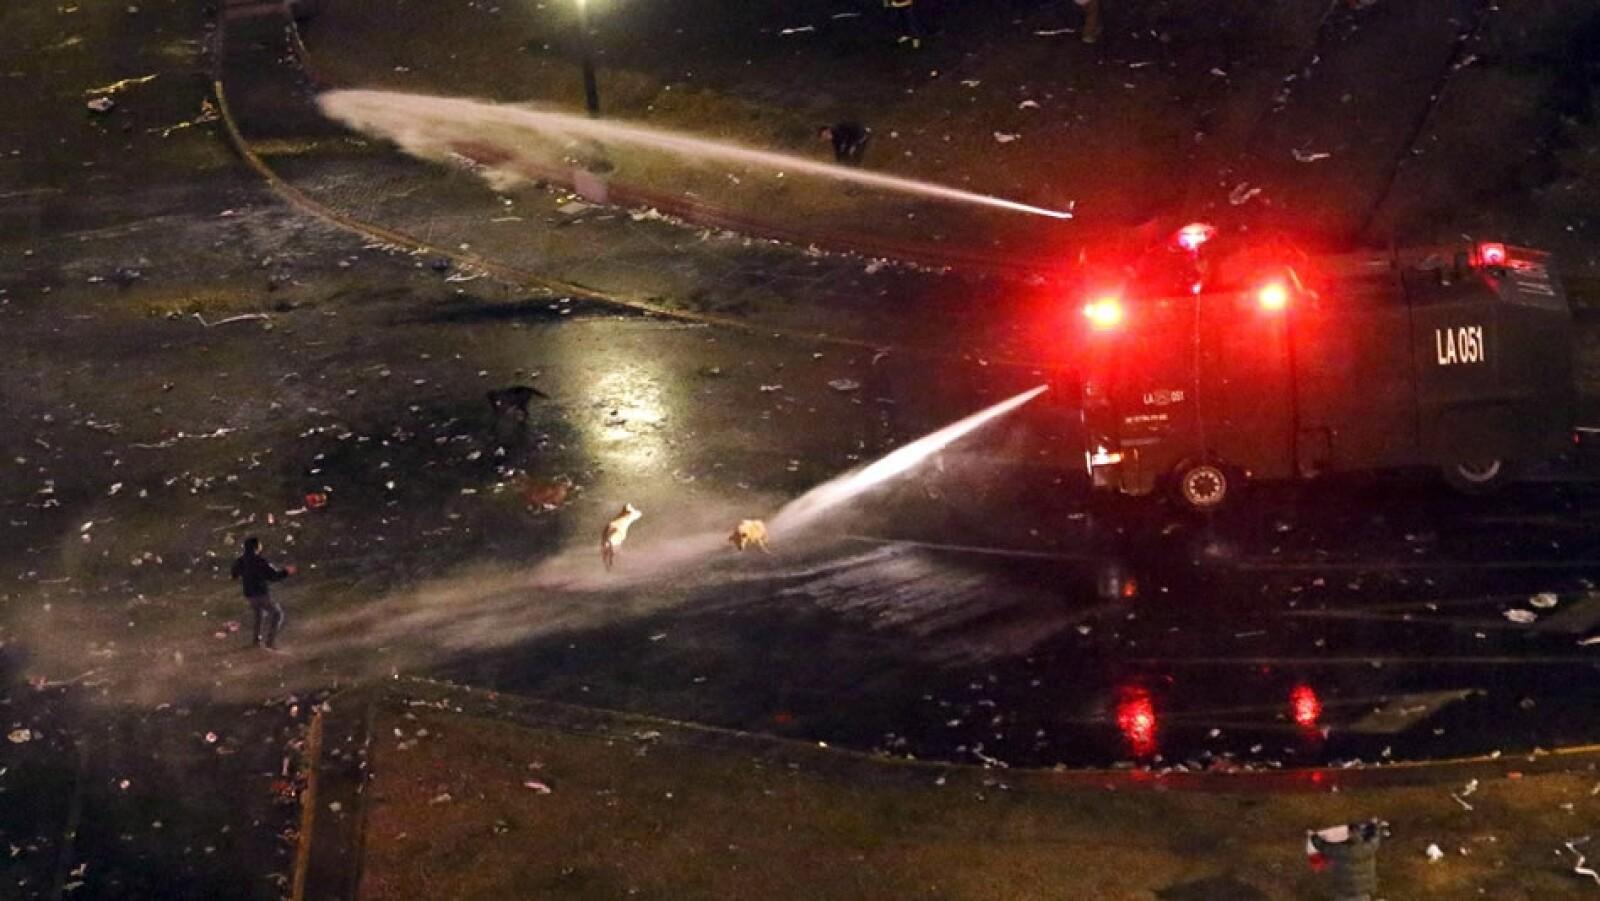 Los festejos se convirtieron en enfrentamientos con la policía, que lanzó chorros de agua a varios aficionados